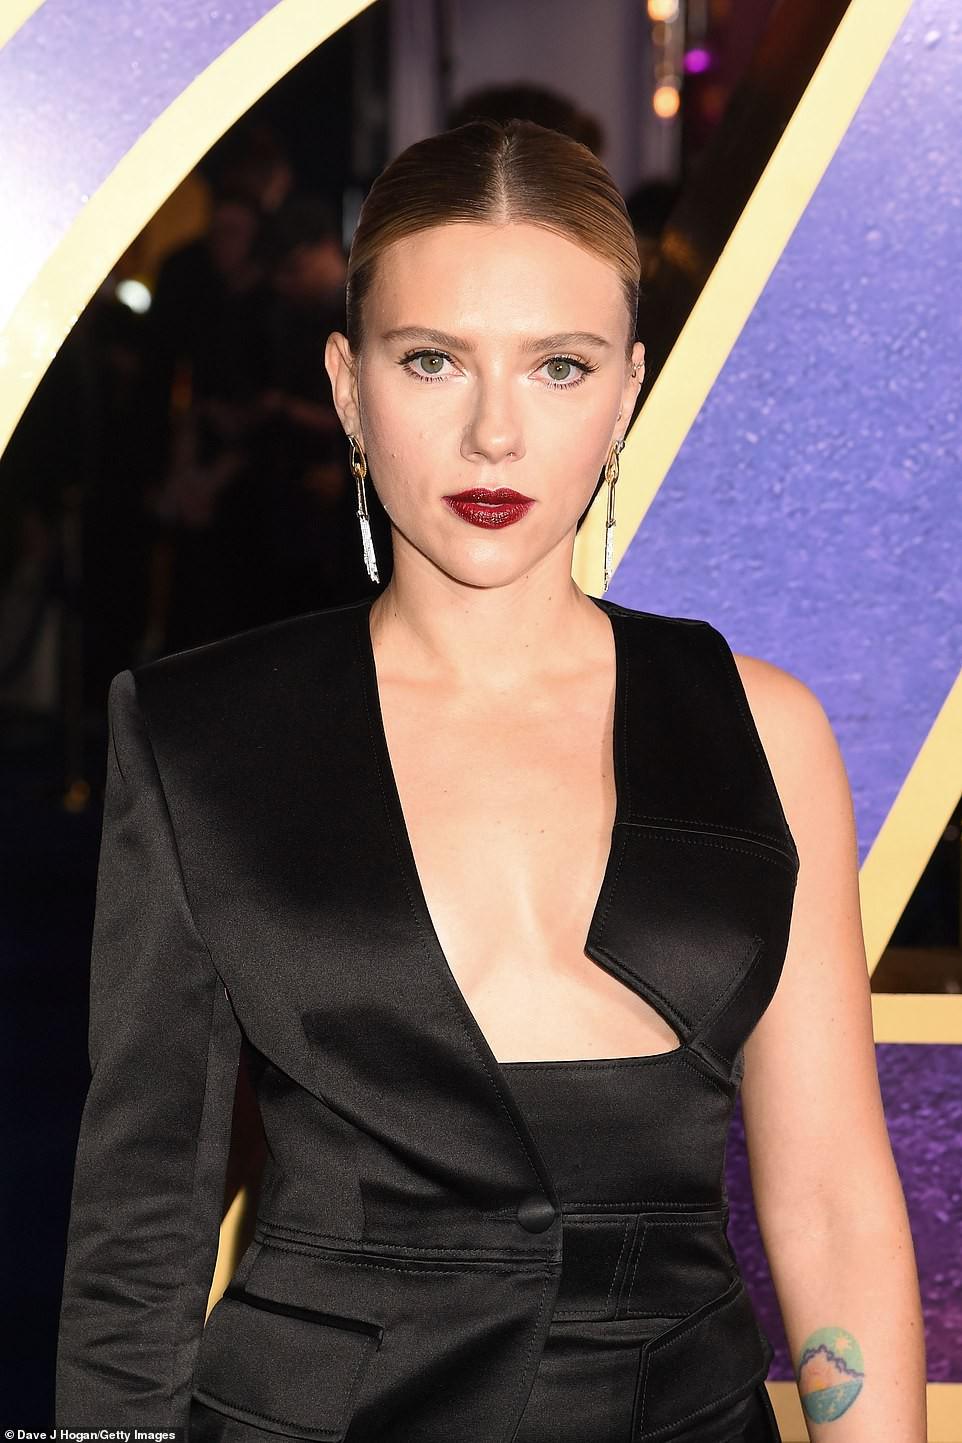 Sự kiện Avengers gây chú ý: Mỹ nhân Scarlett Johansson nơm nớp vì hở quá bạo, liên tục cười tít mắt với Thor - Ảnh 7.